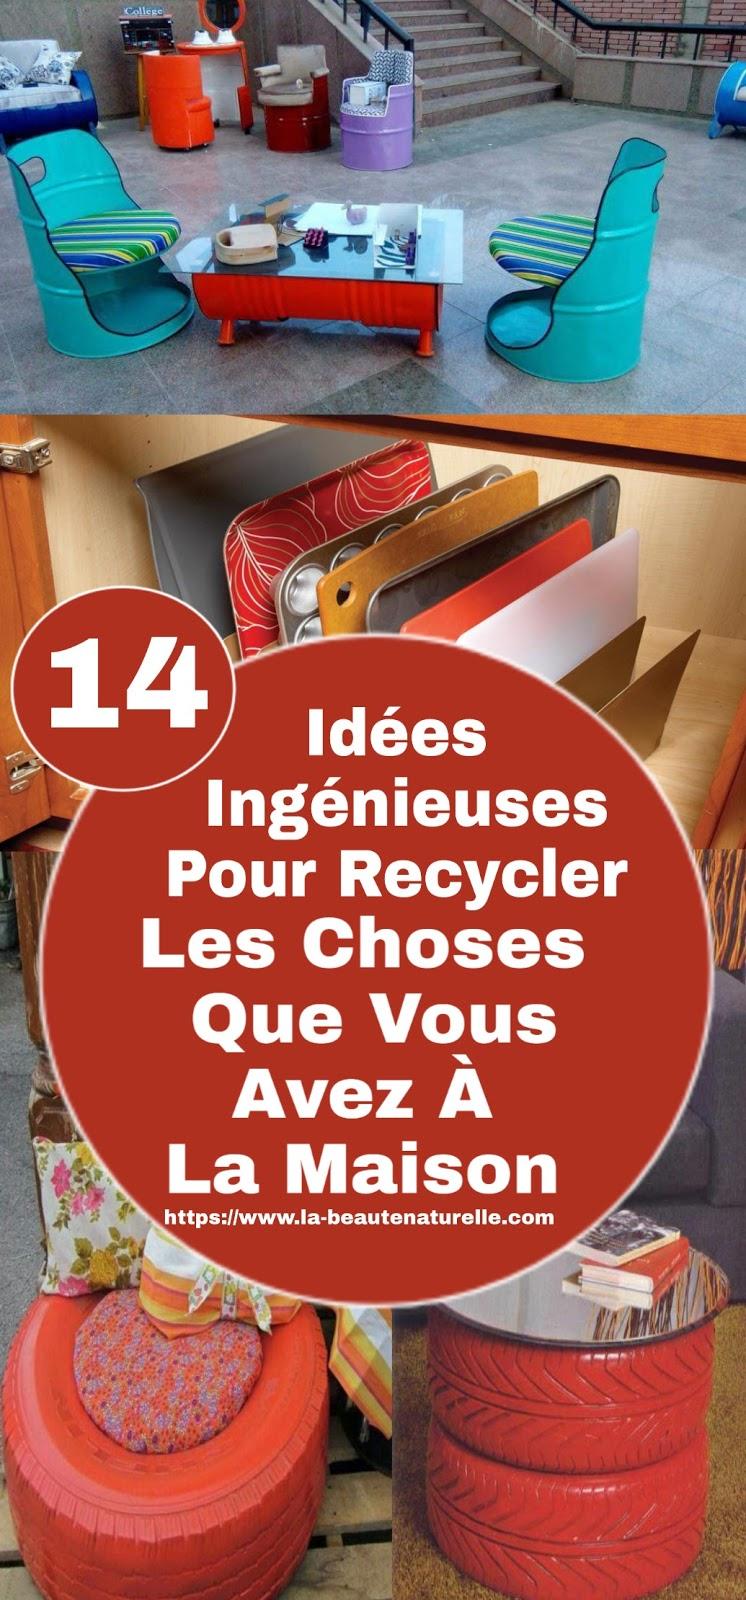 14 Idées Ingénieuses Pour Recycler Les Choses Que Vous Avez À La Maison